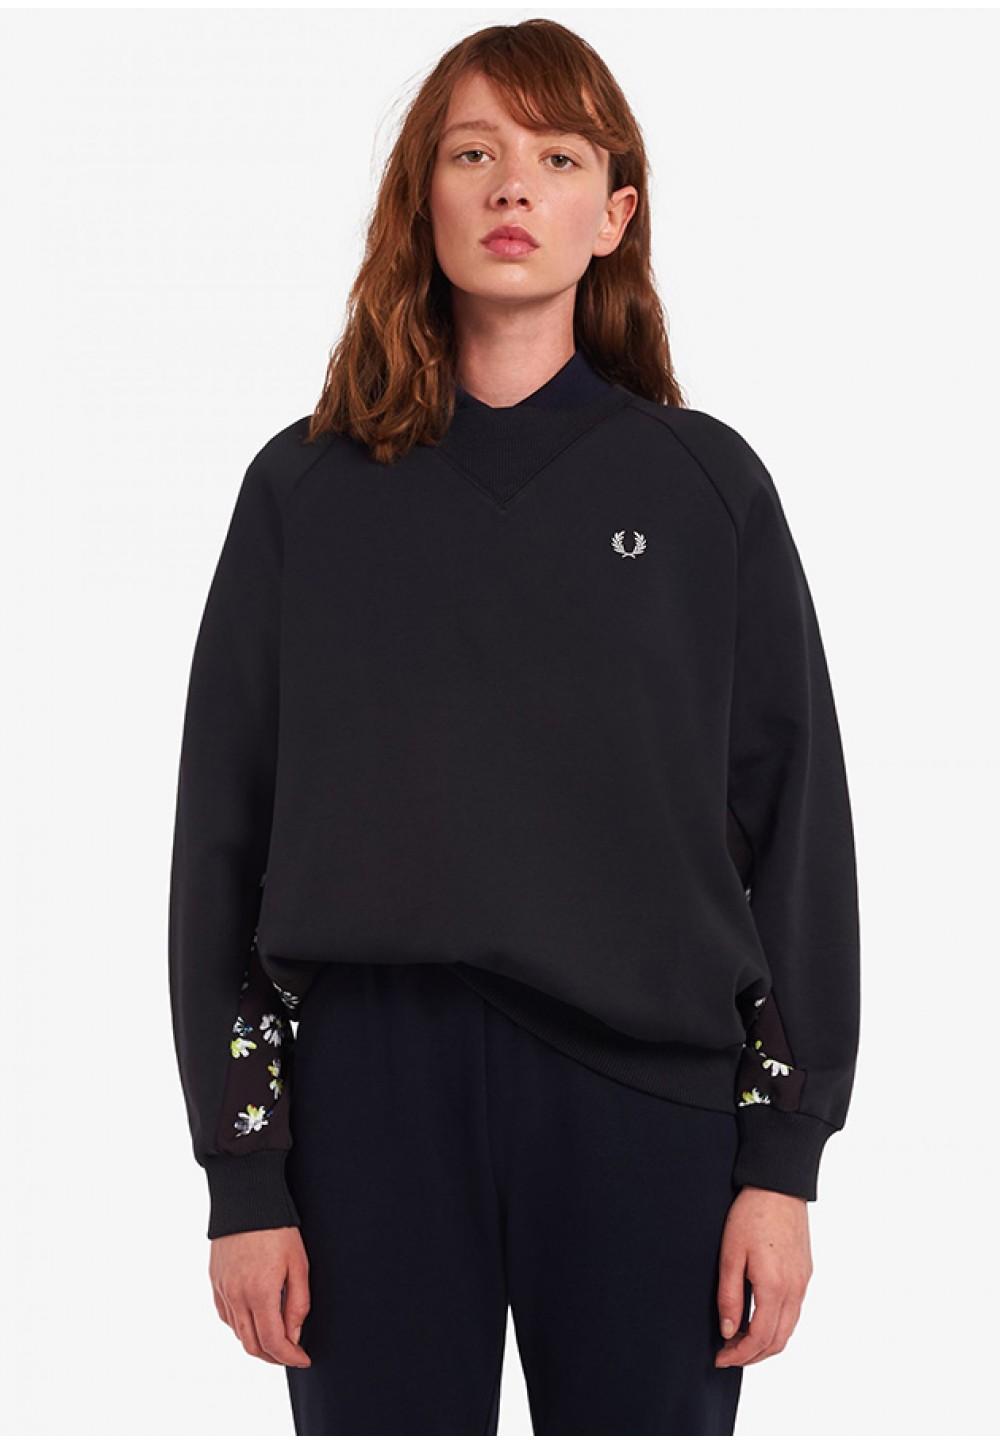 Черный свитшот с ромашками